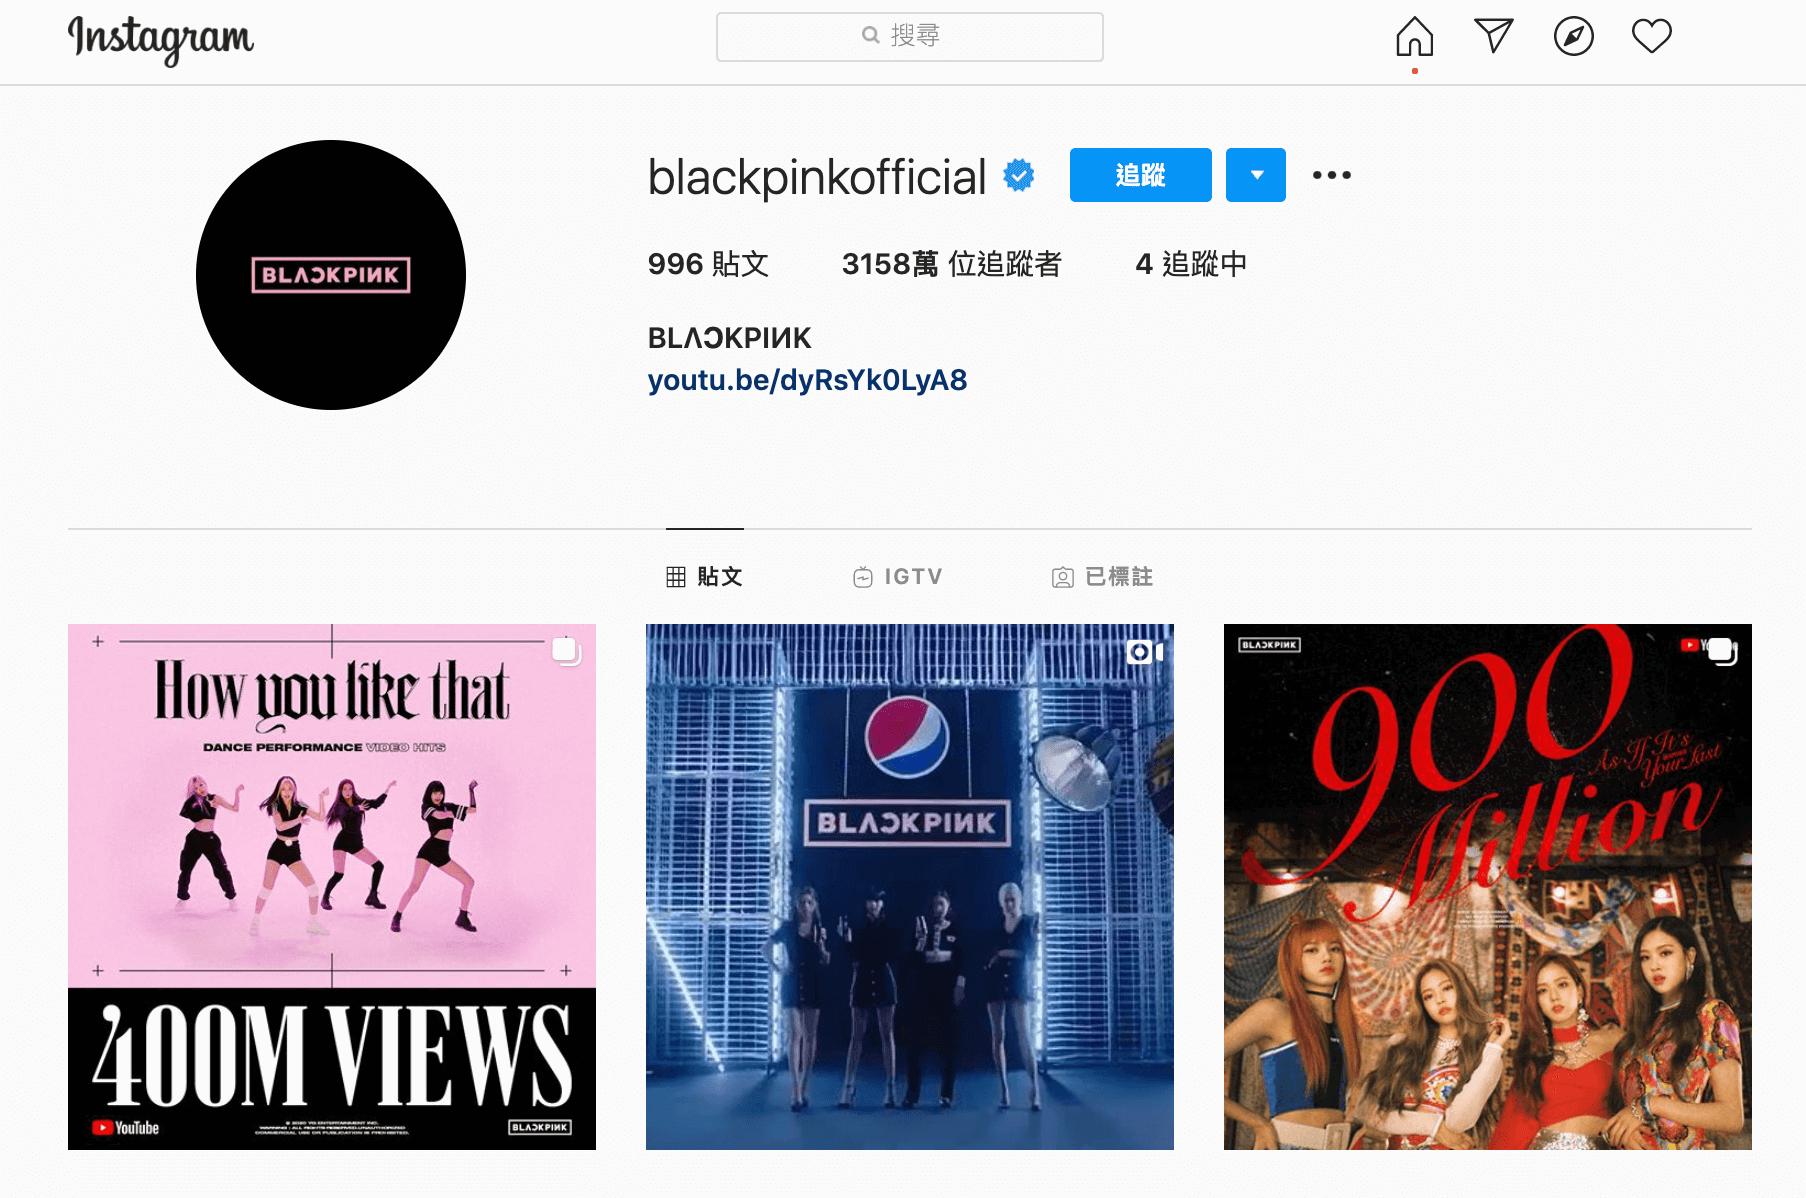 Instagram-blackpink